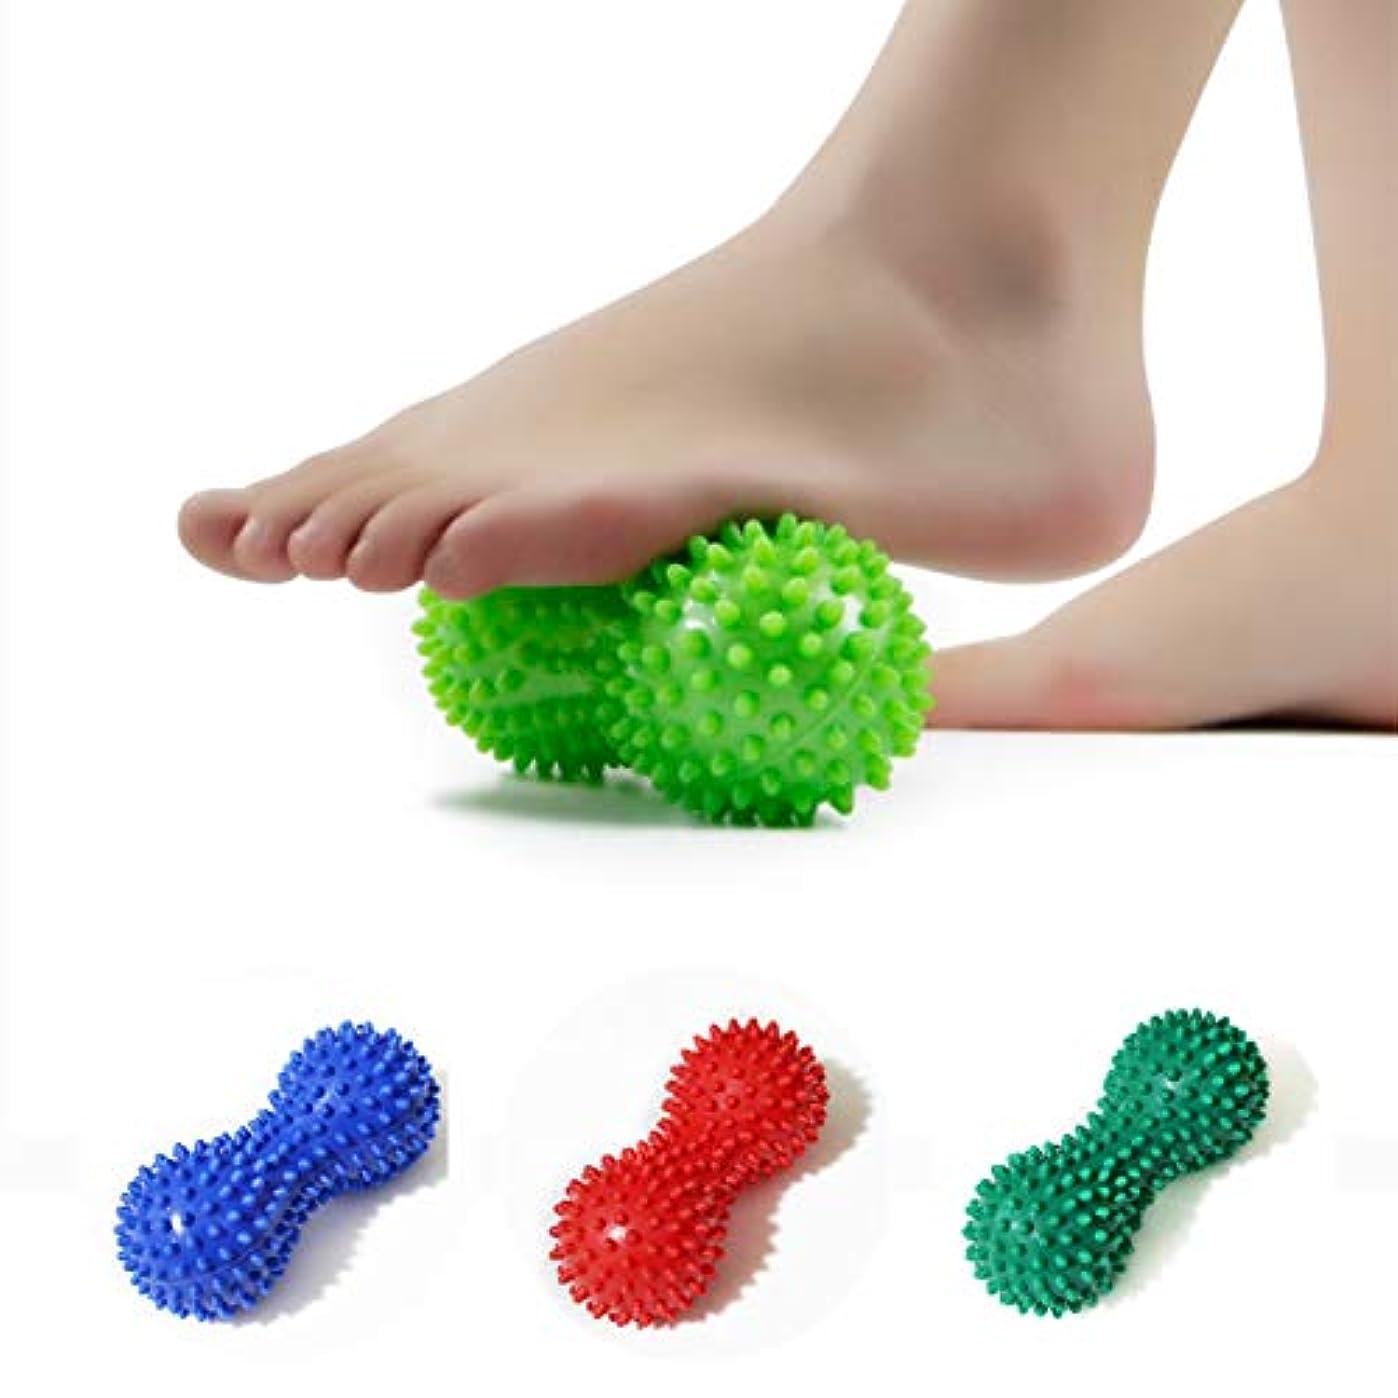 八百屋ゆり弁護人Peanut Shape Massage Yoga Sport Fitness Ball Durable PVC Stress Relief Body Hand Foot Spiky Massager Trigger Point...